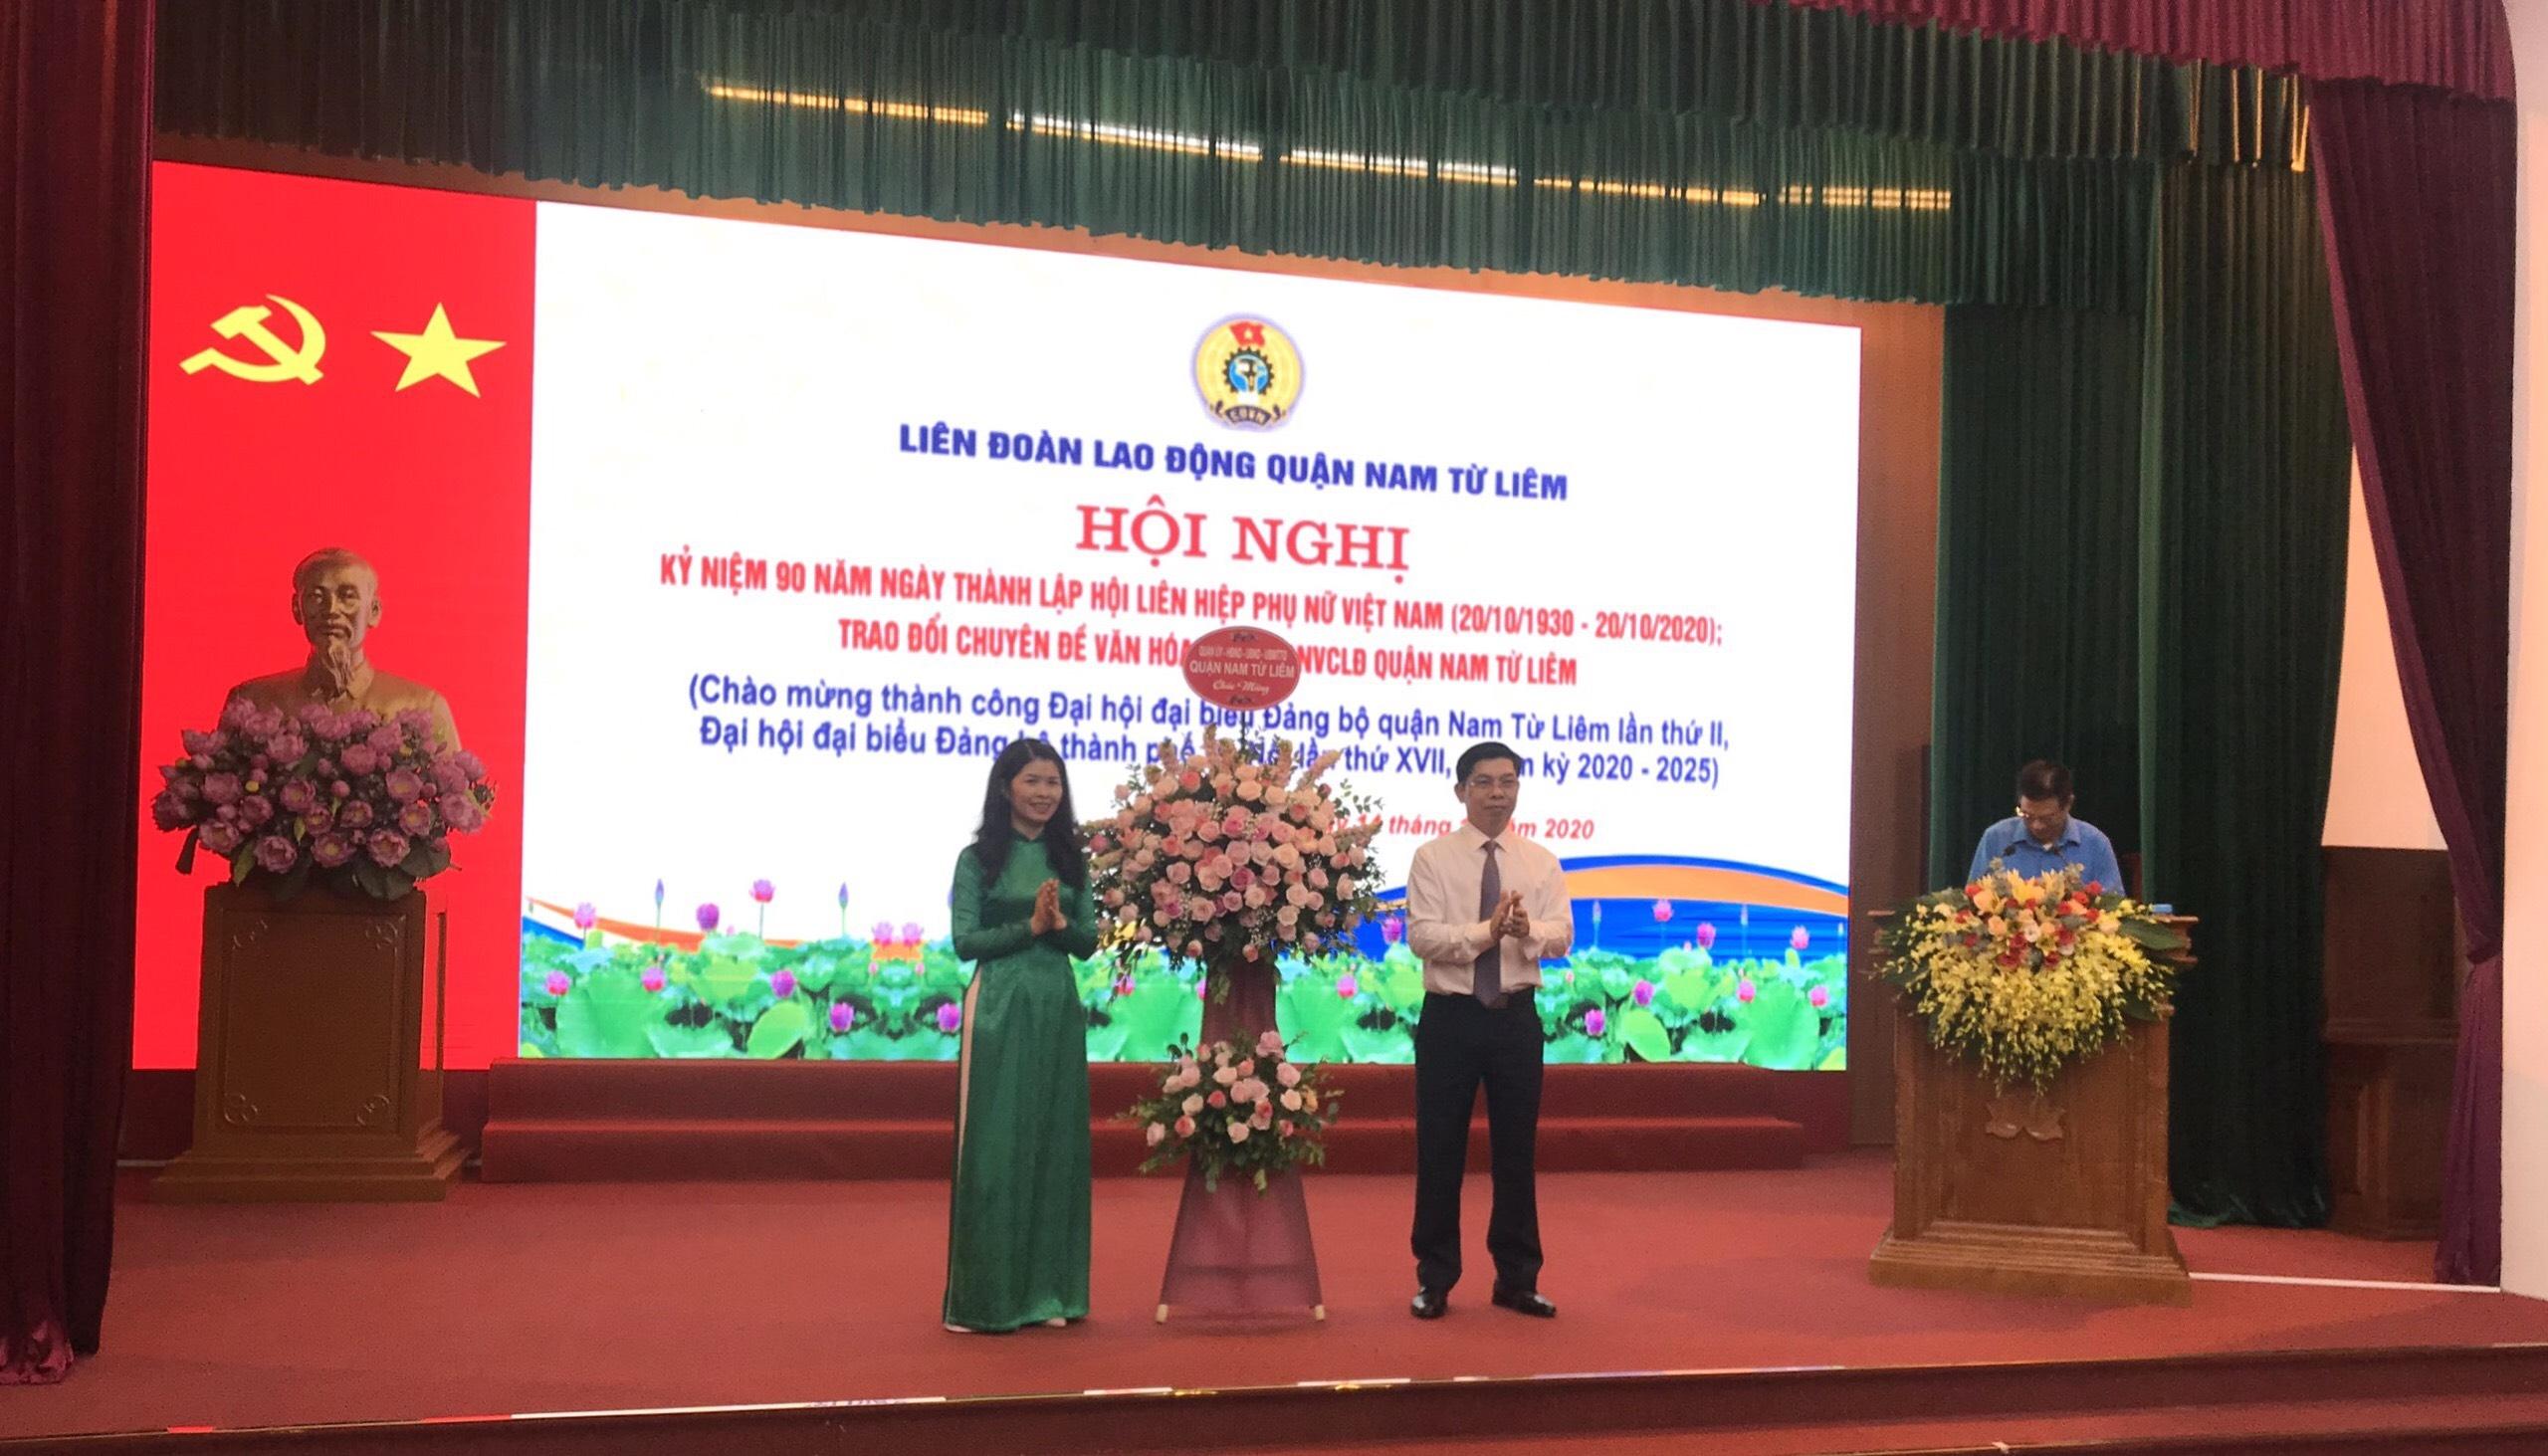 Ôn lại truyền thống 90 năm lịch sử vẻ vang của Hội Liên hiệp Phụ nữ Việt Nam